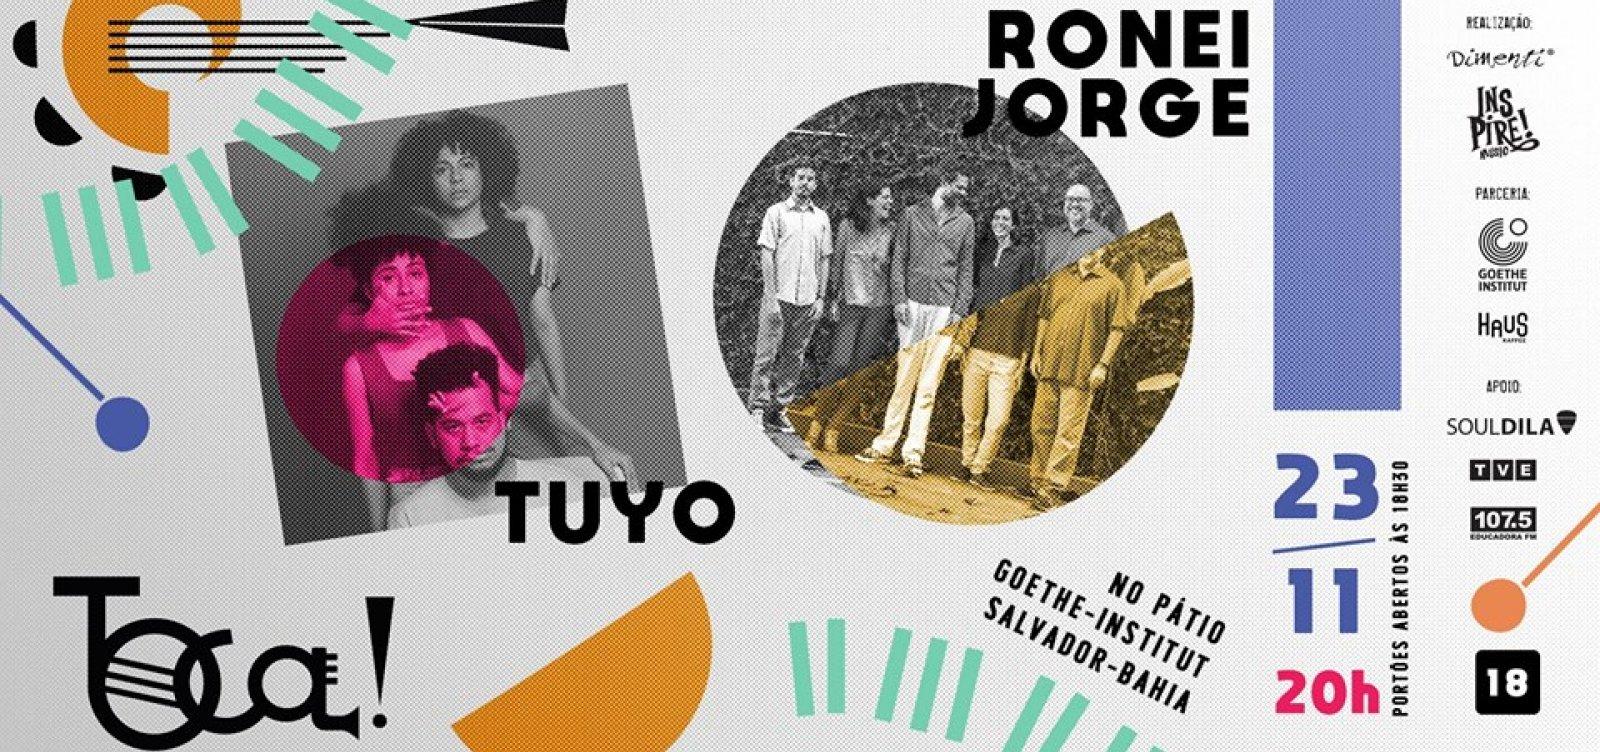 [Festa TOCA! reúne shows de Ronei Jorge e Tuyo no Goethe-Institut, em Salvador]